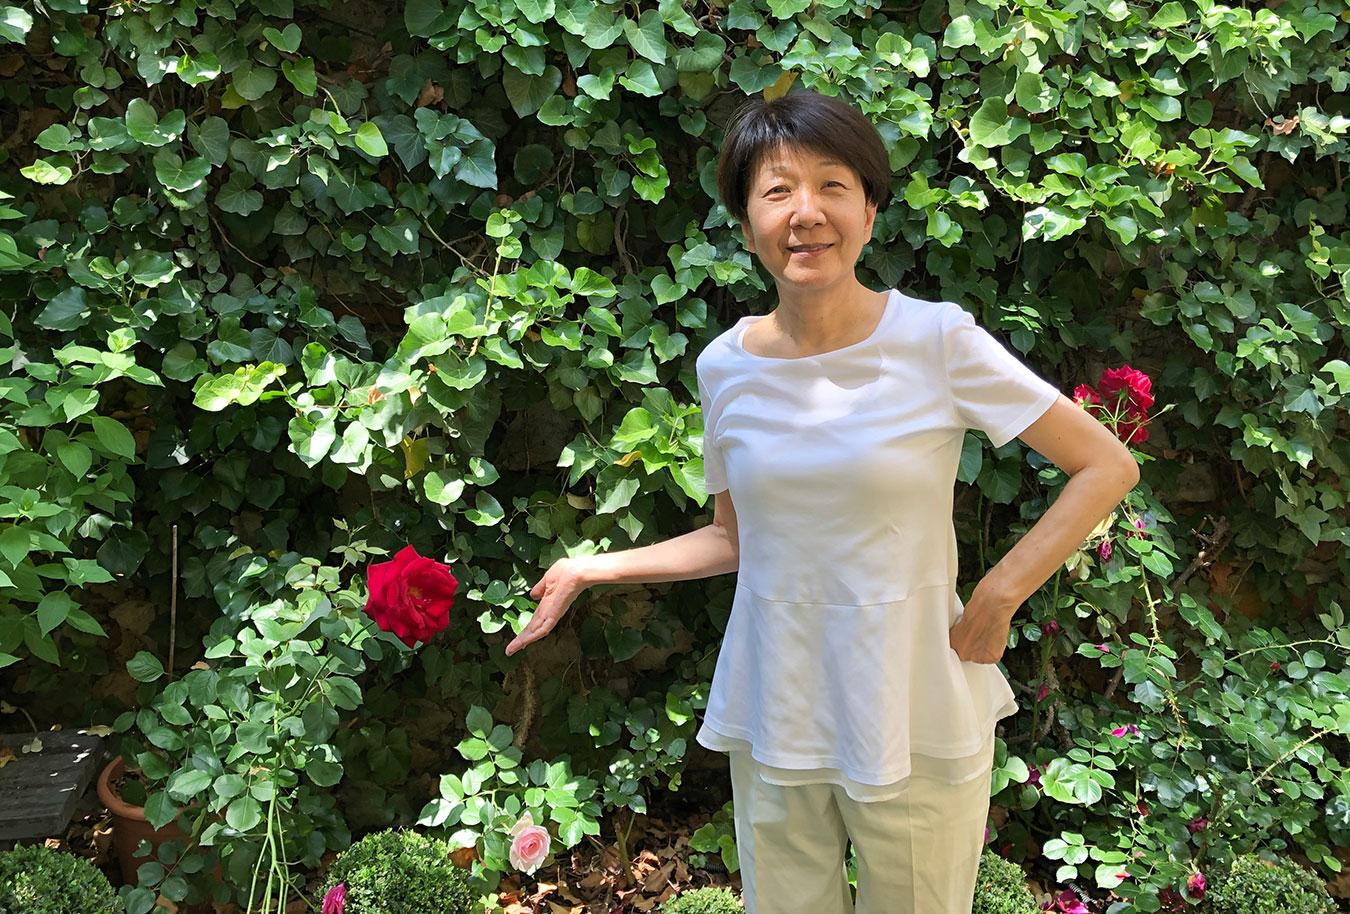 jp-sato-kuni-garden-flowers-web.jpg